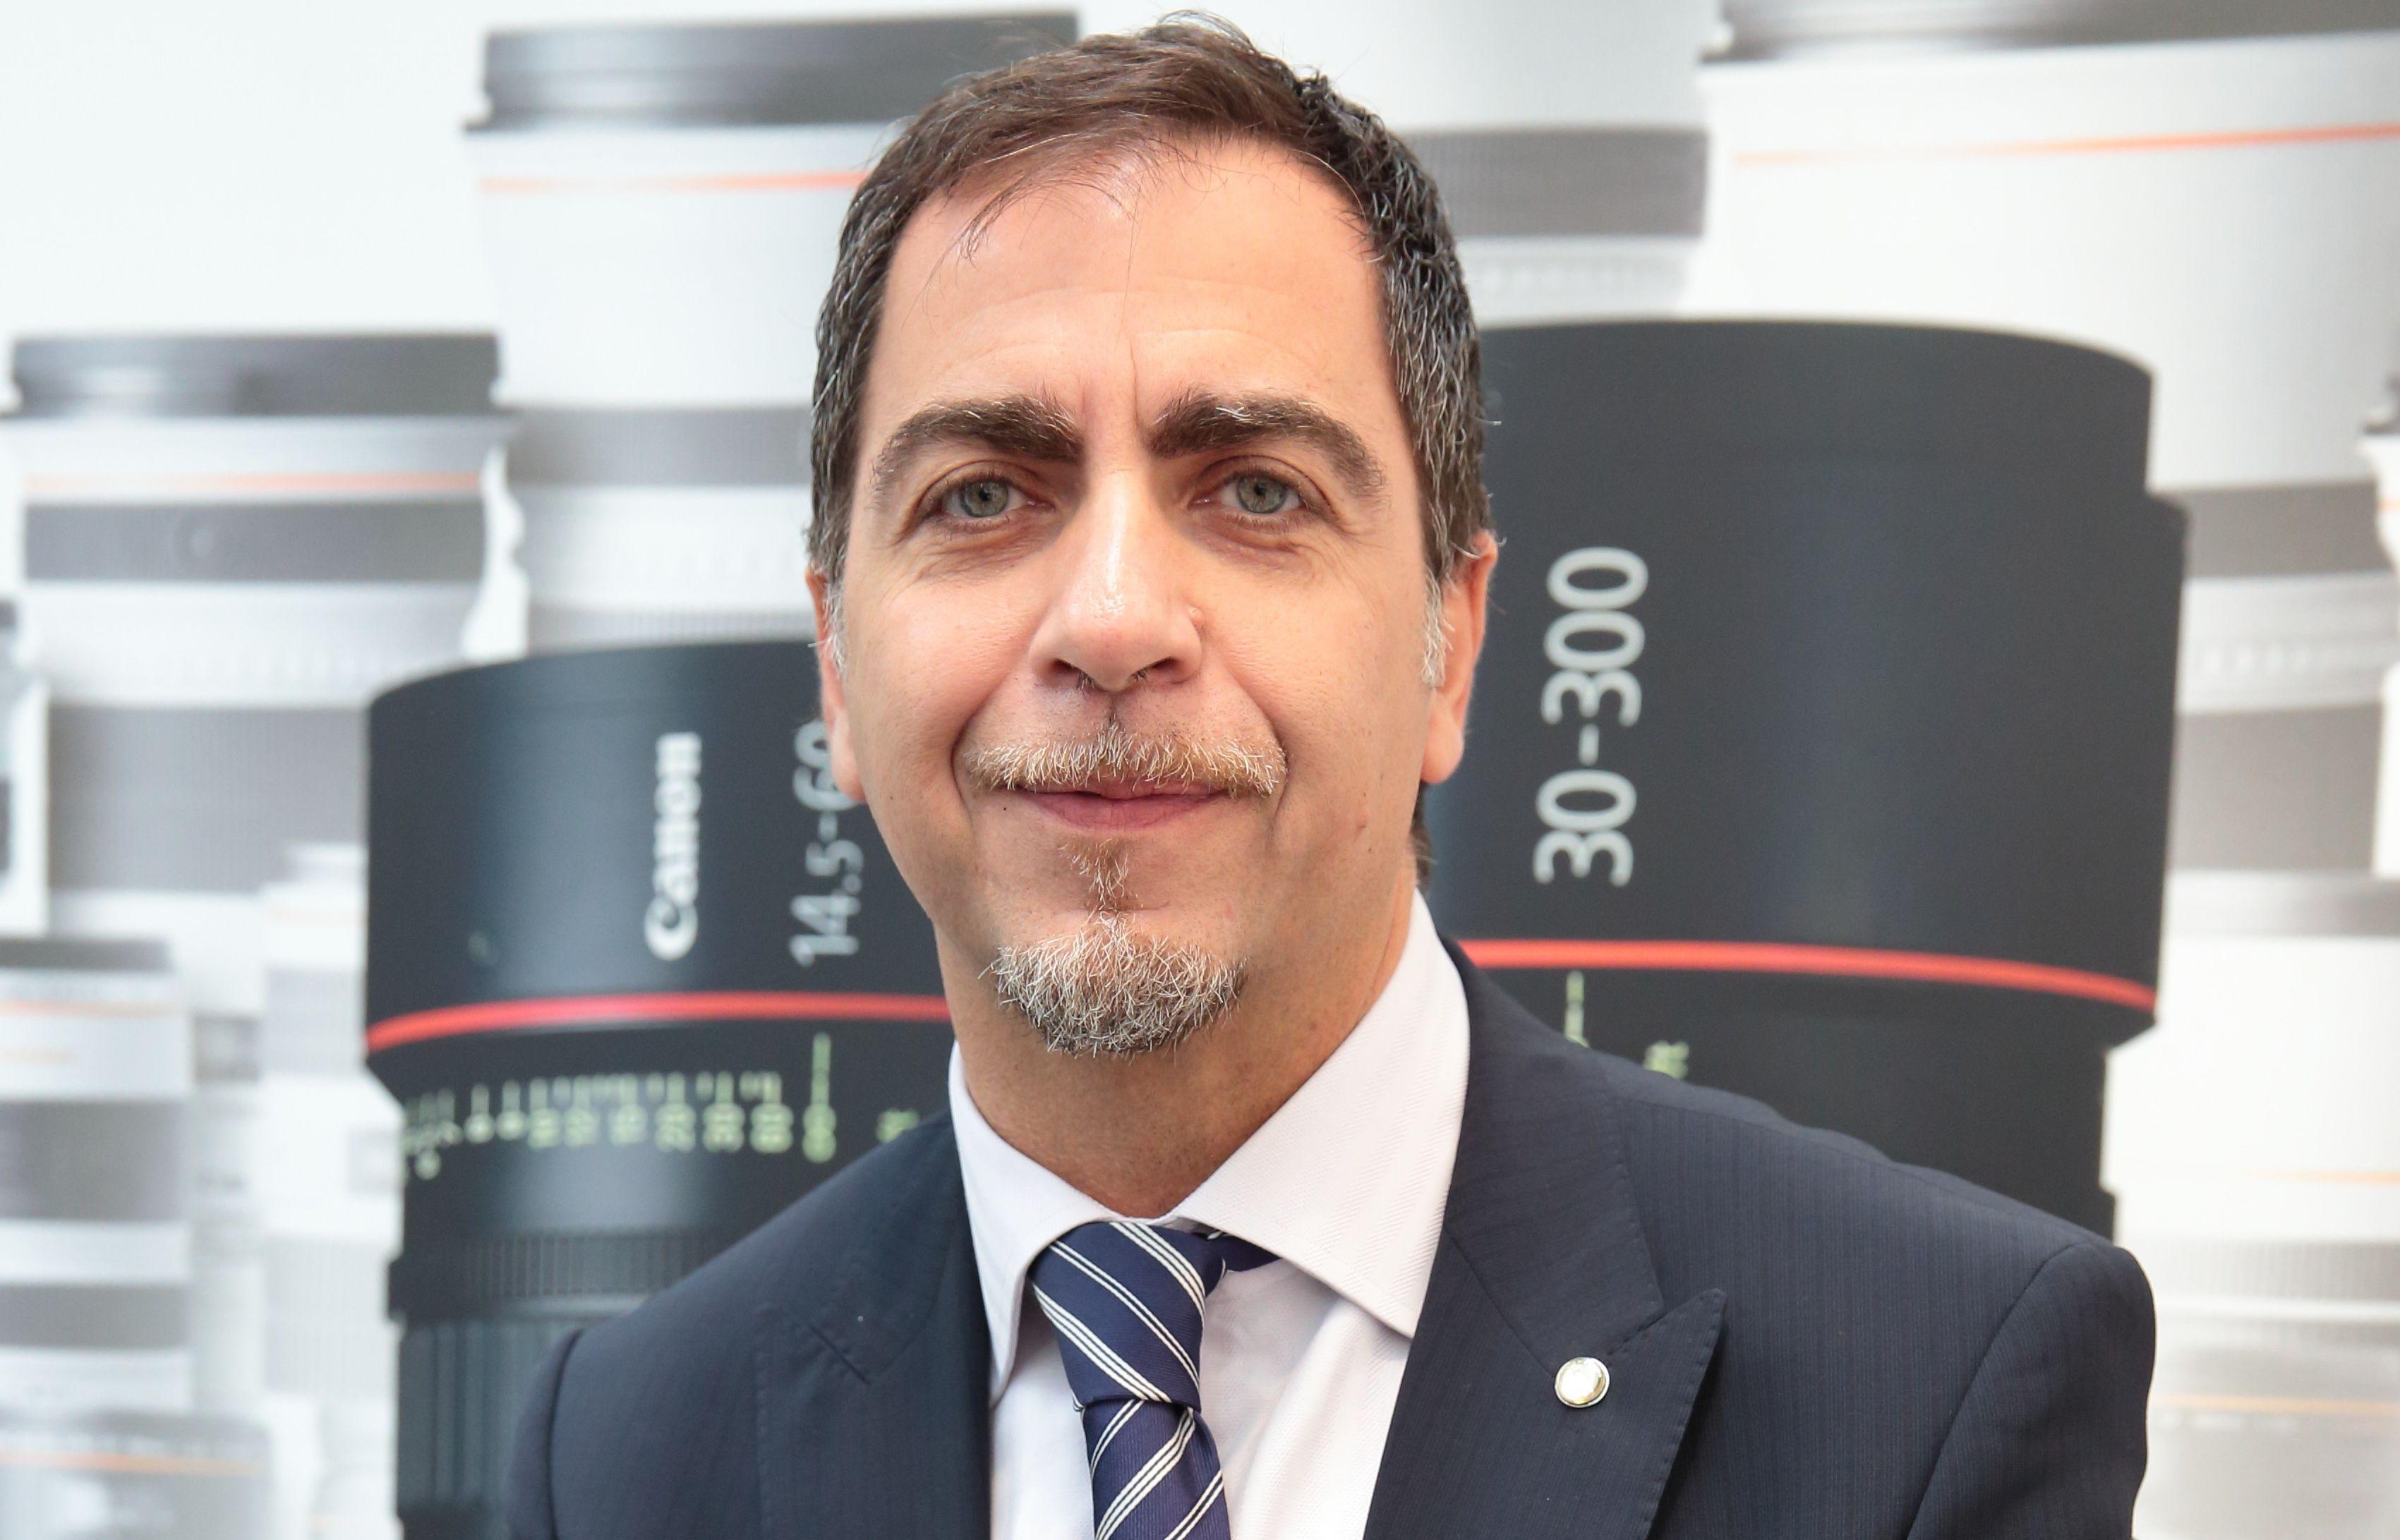 Massimiliano Ceravolo, Director Information & Imaging Solutions di Canon Italia.